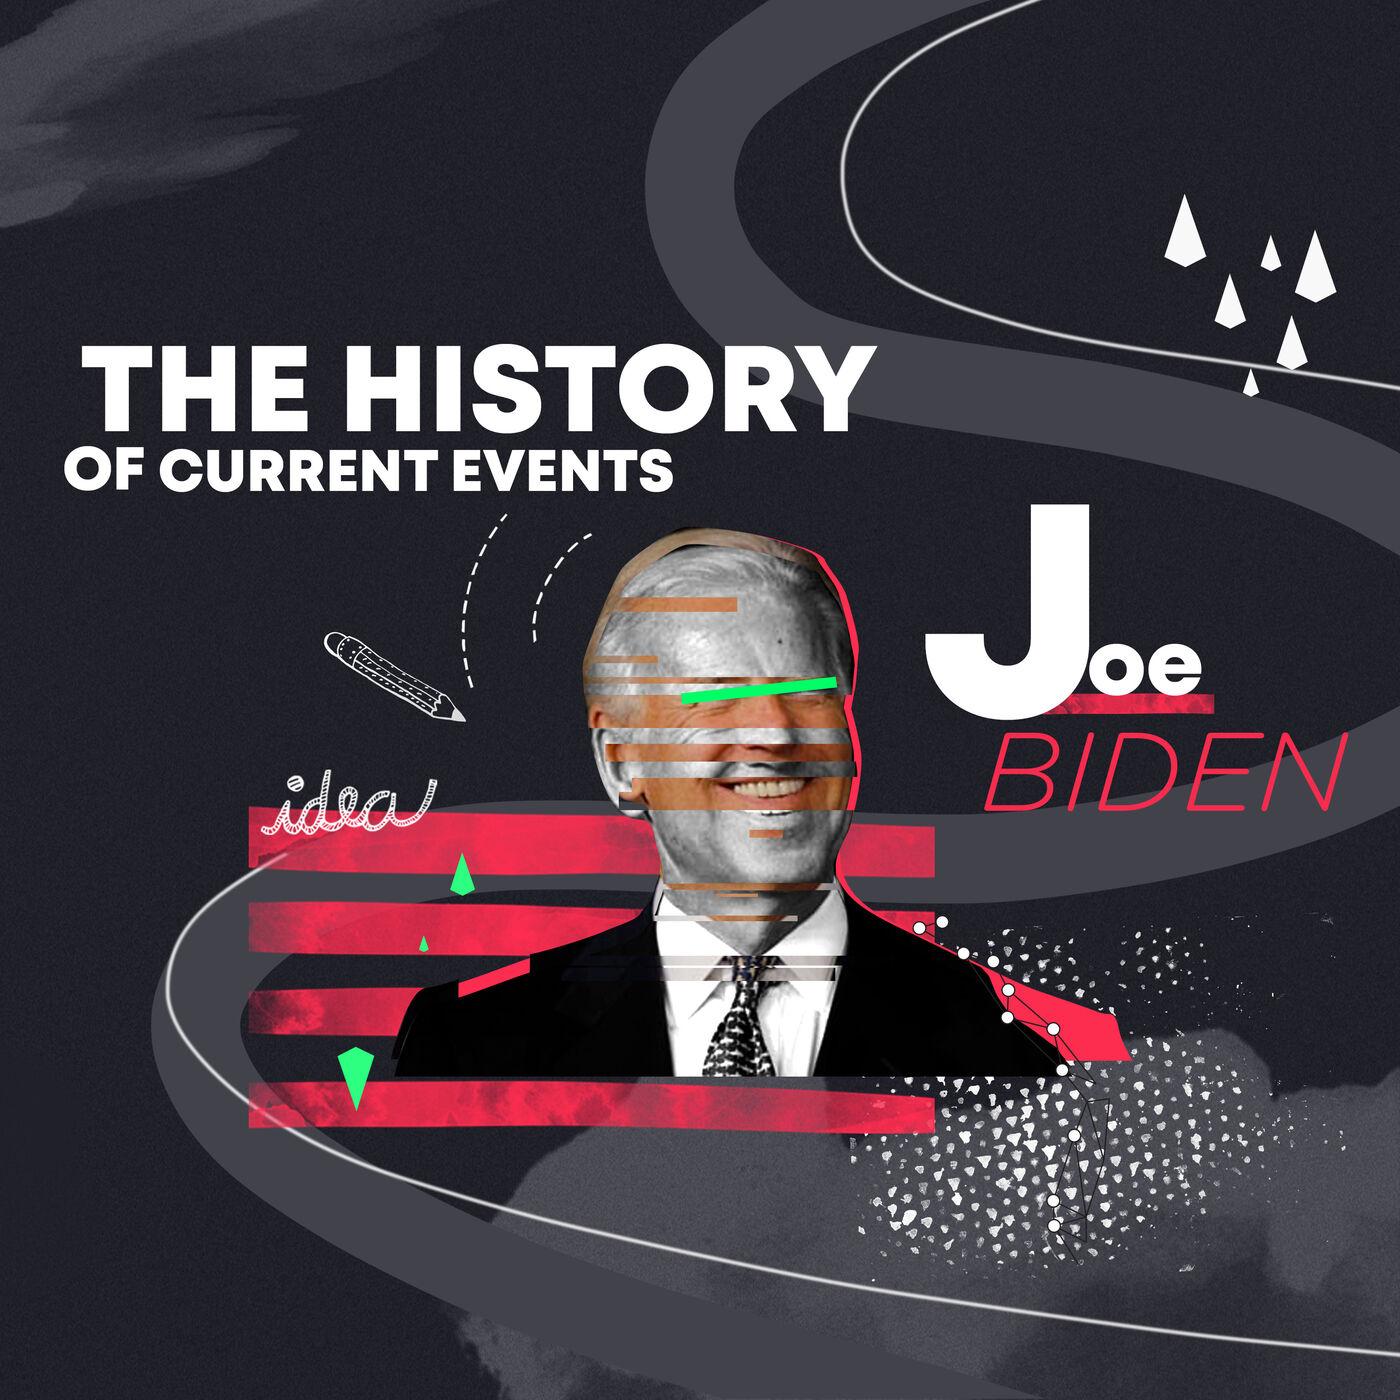 Joe Biden - a Biography of His Life